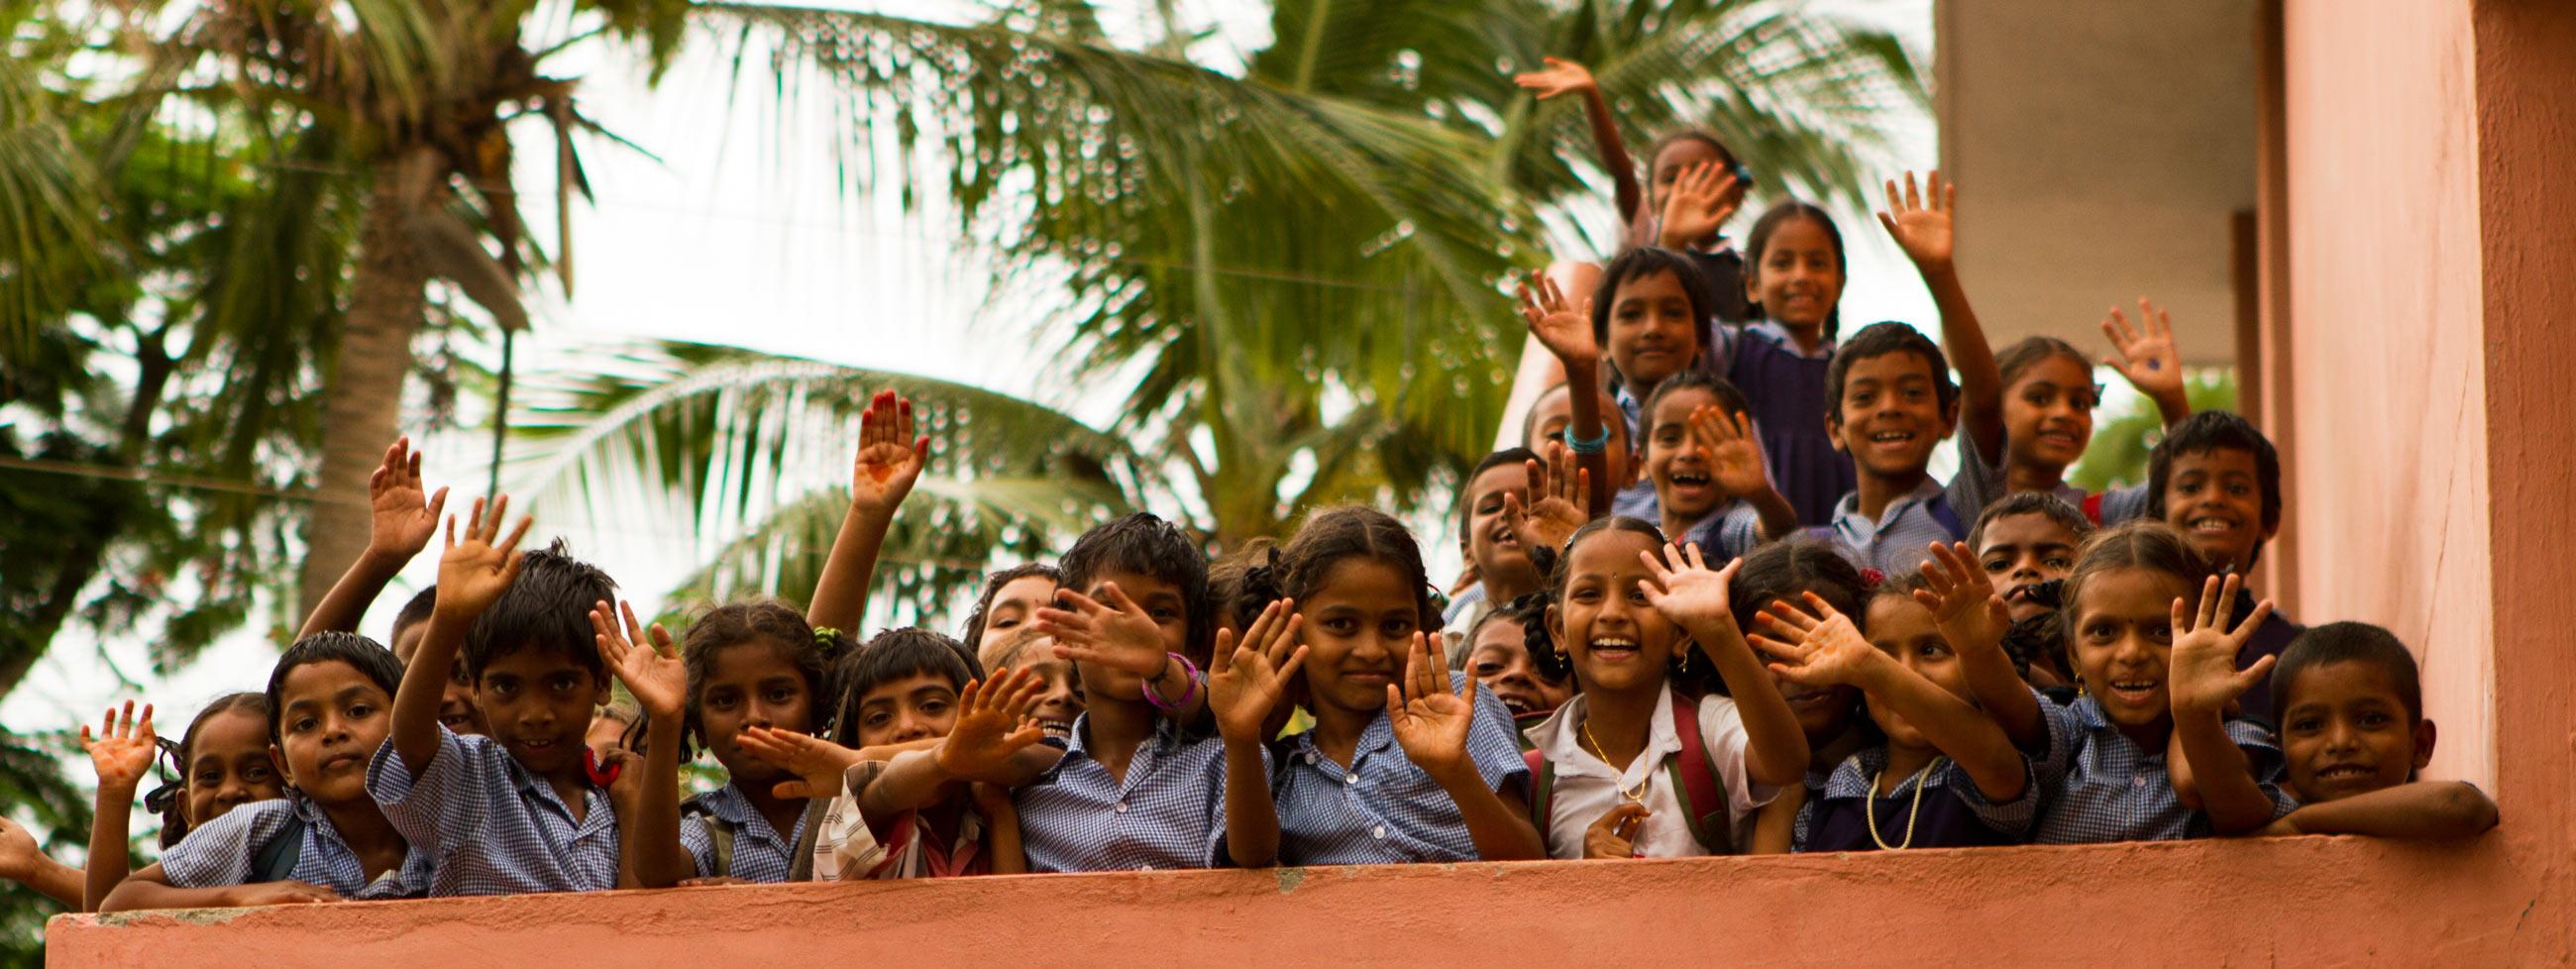 Indian-Kids-Waving